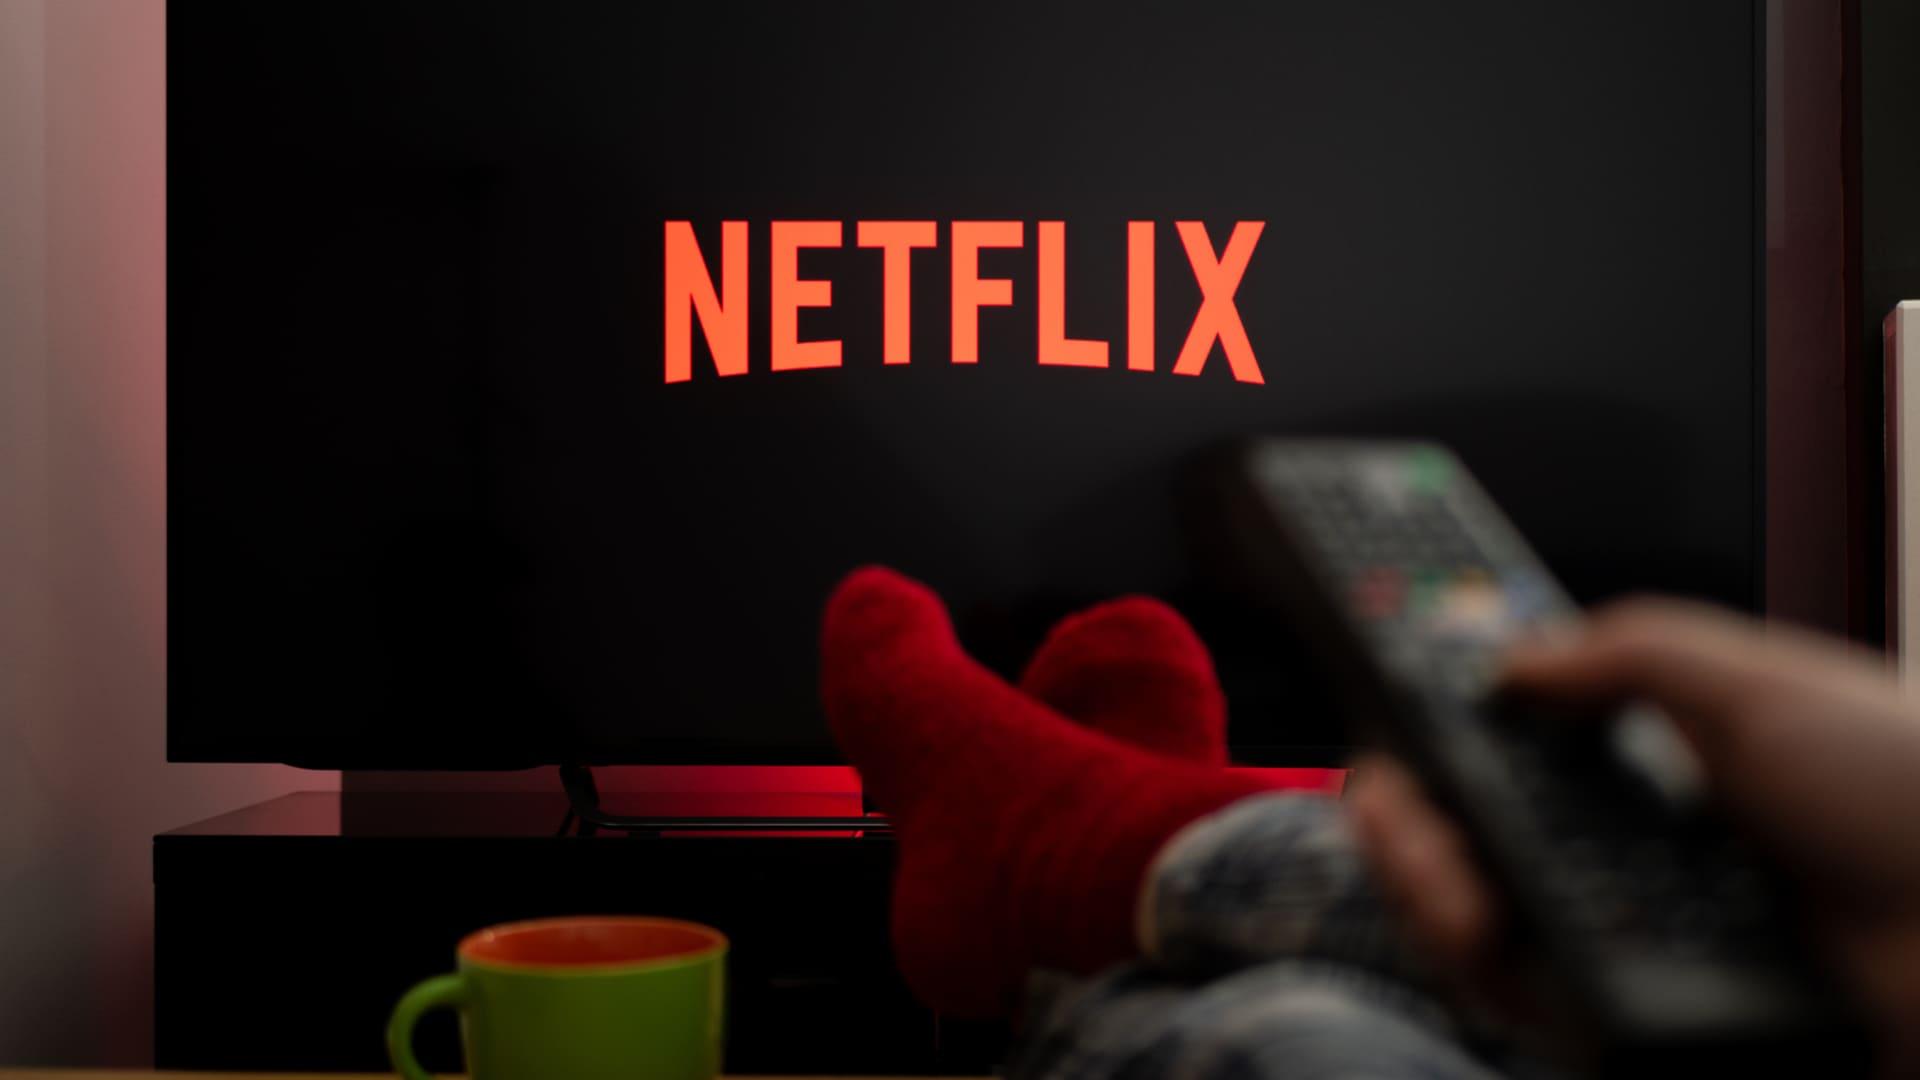 Abaixo, ensinamos as duas maneiras de sair da Netflix na televisão. Confira! (Imagem: Reprodução/Shutterstock)